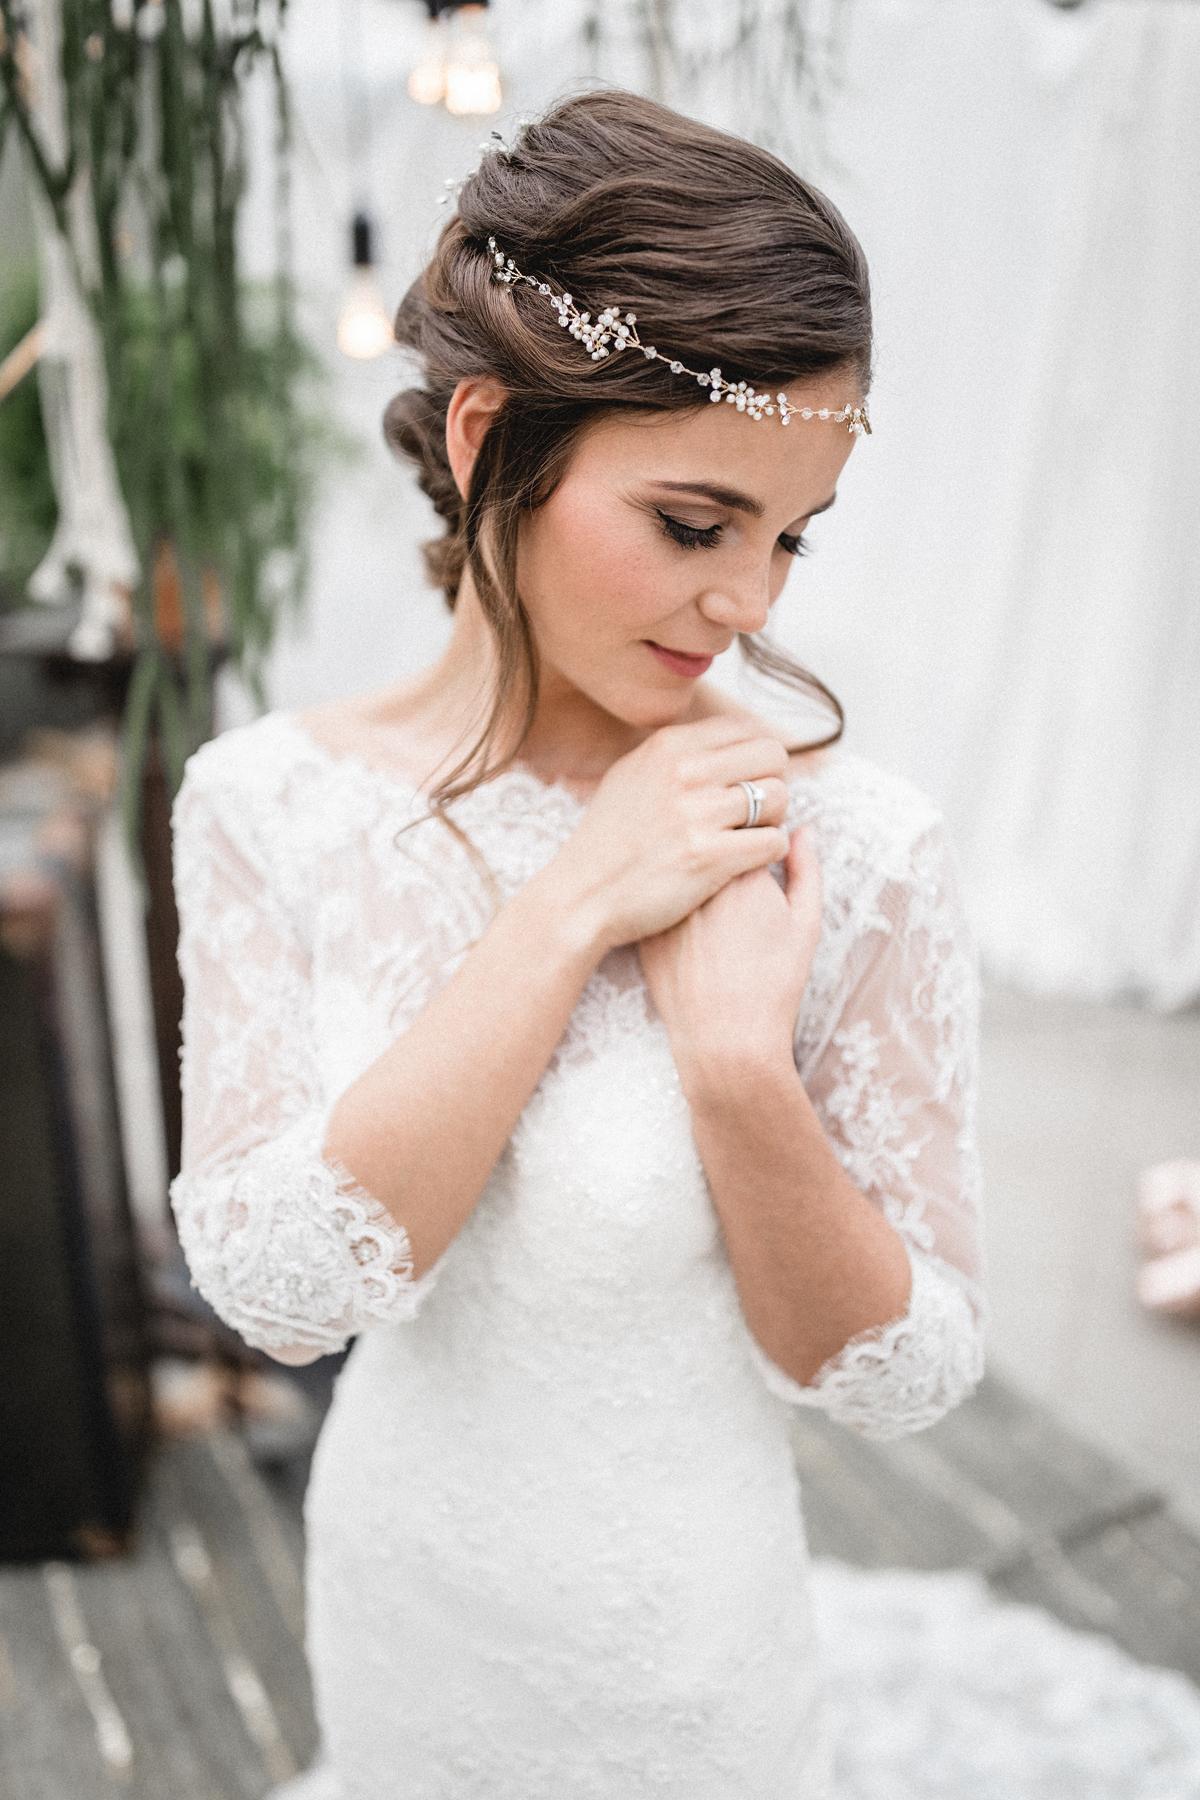 Andreas_Nusch_Hochzeitsfotografie_Brautshooting_2017_JA-Hochzeitsshop_0118